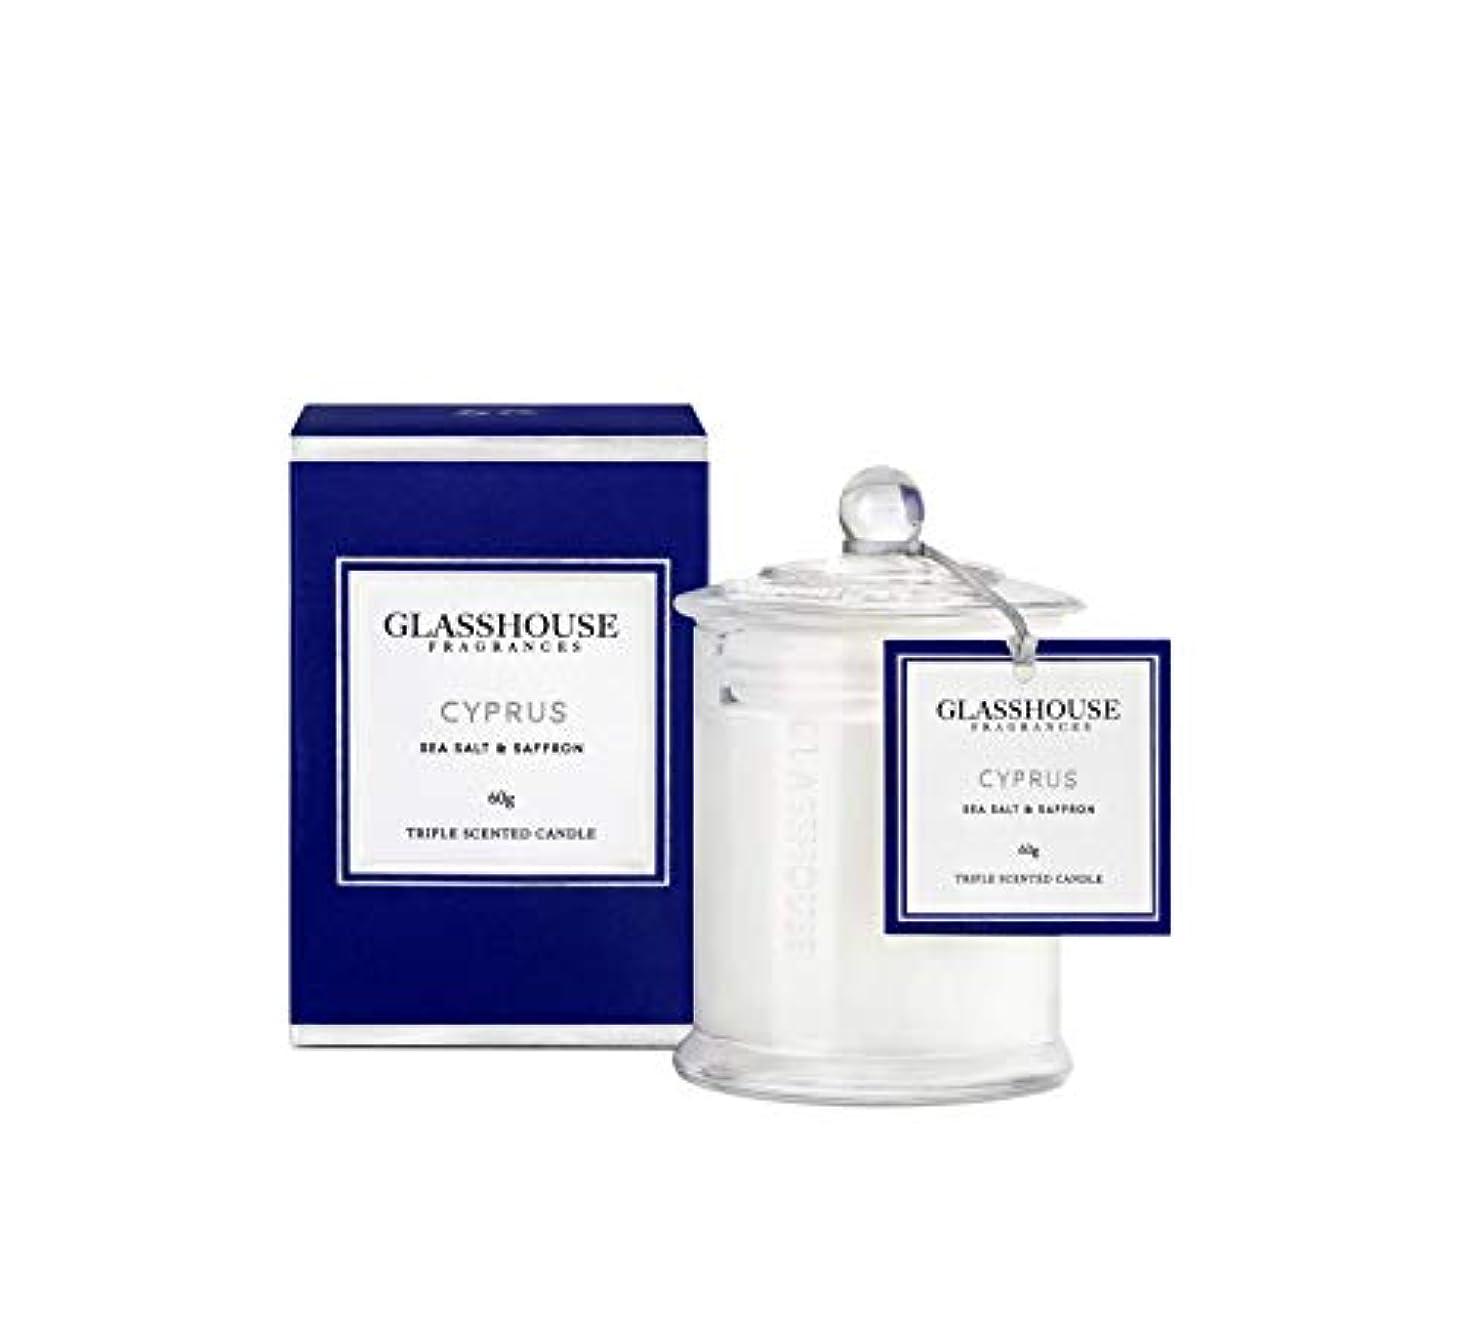 短くする飾る混乱させるグラスハウス Triple Scented Candle - Cyprus (Sea Salt & Saffron) 60g並行輸入品